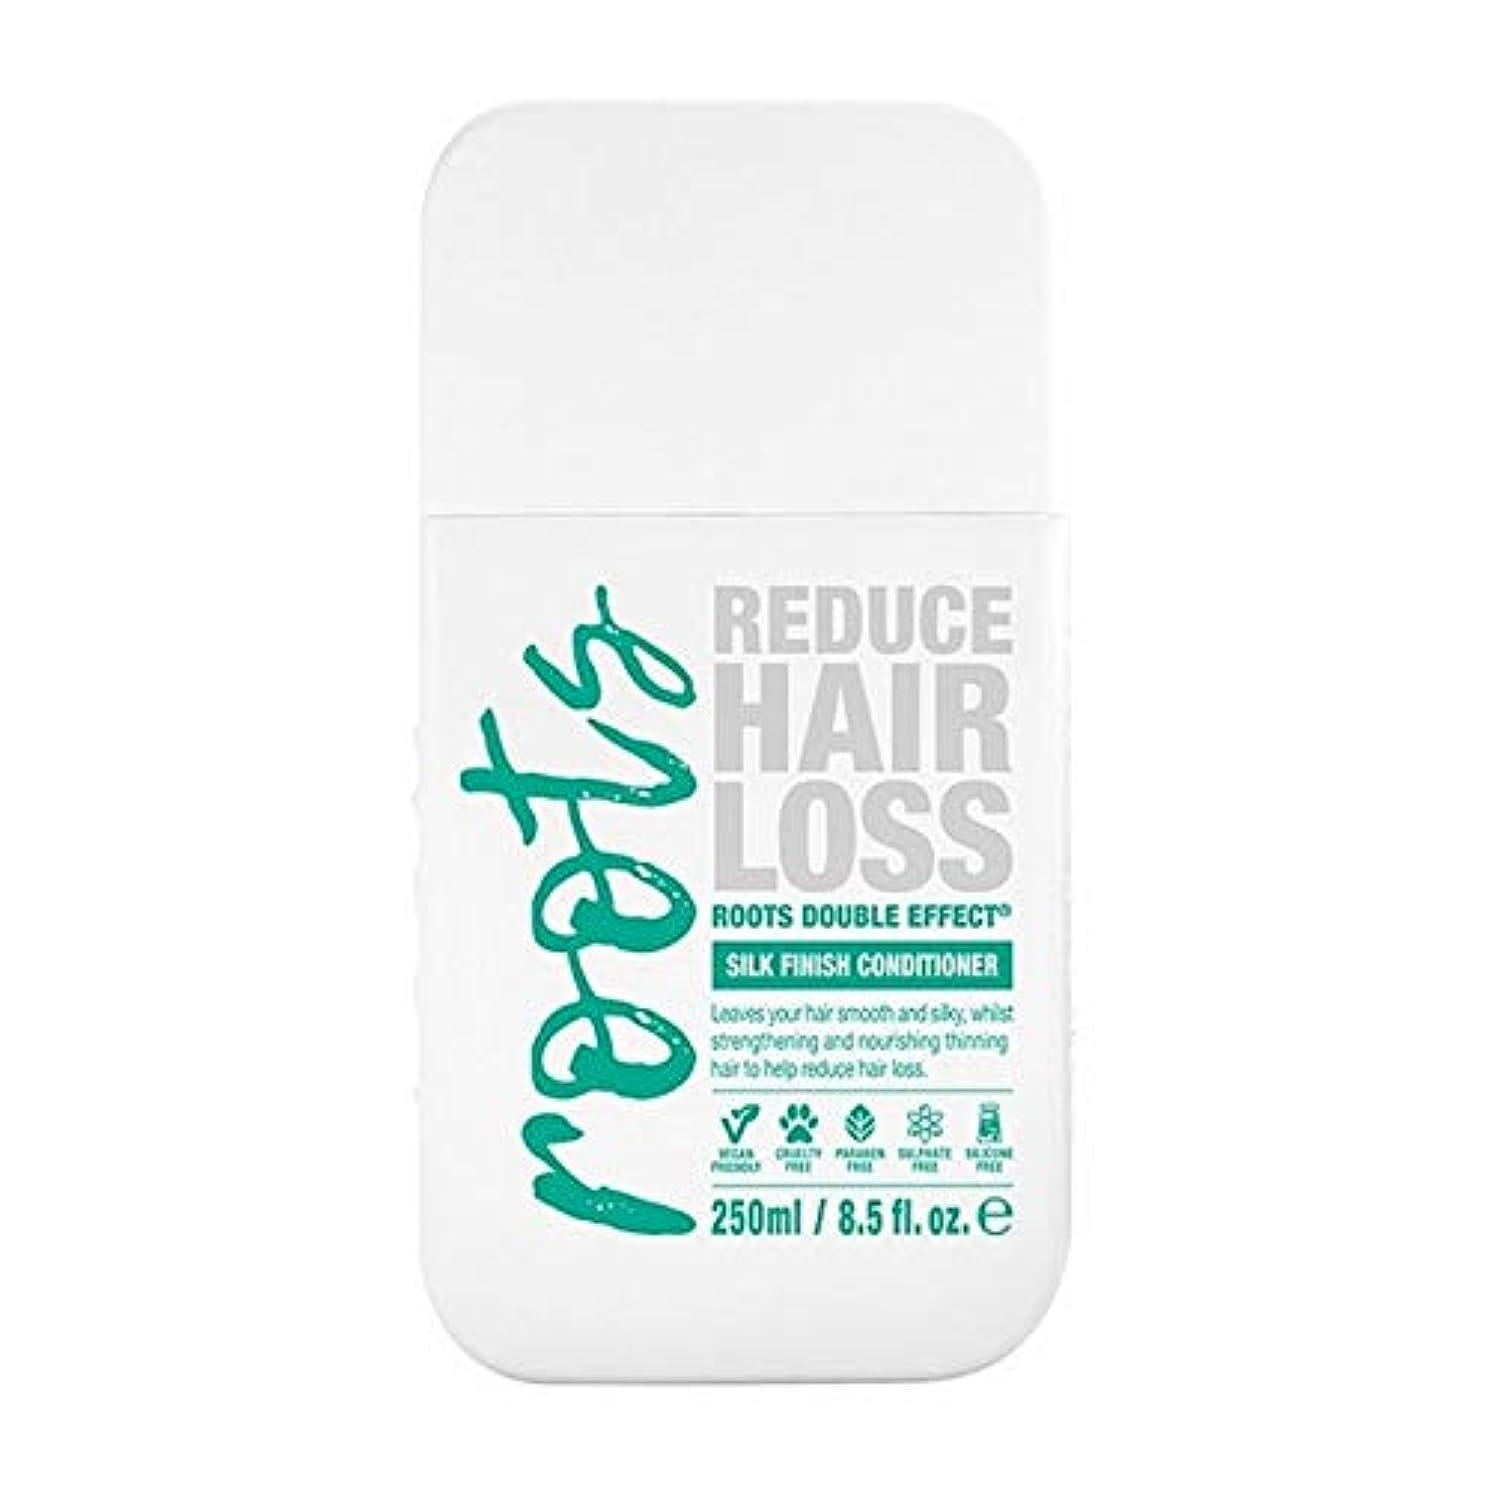 ノベルティタックルフラスコ[Roots ] 根のダブル効果育毛シャンプー250Ml - Roots Double Effect Hair Growth Conditioner 250ml [並行輸入品]